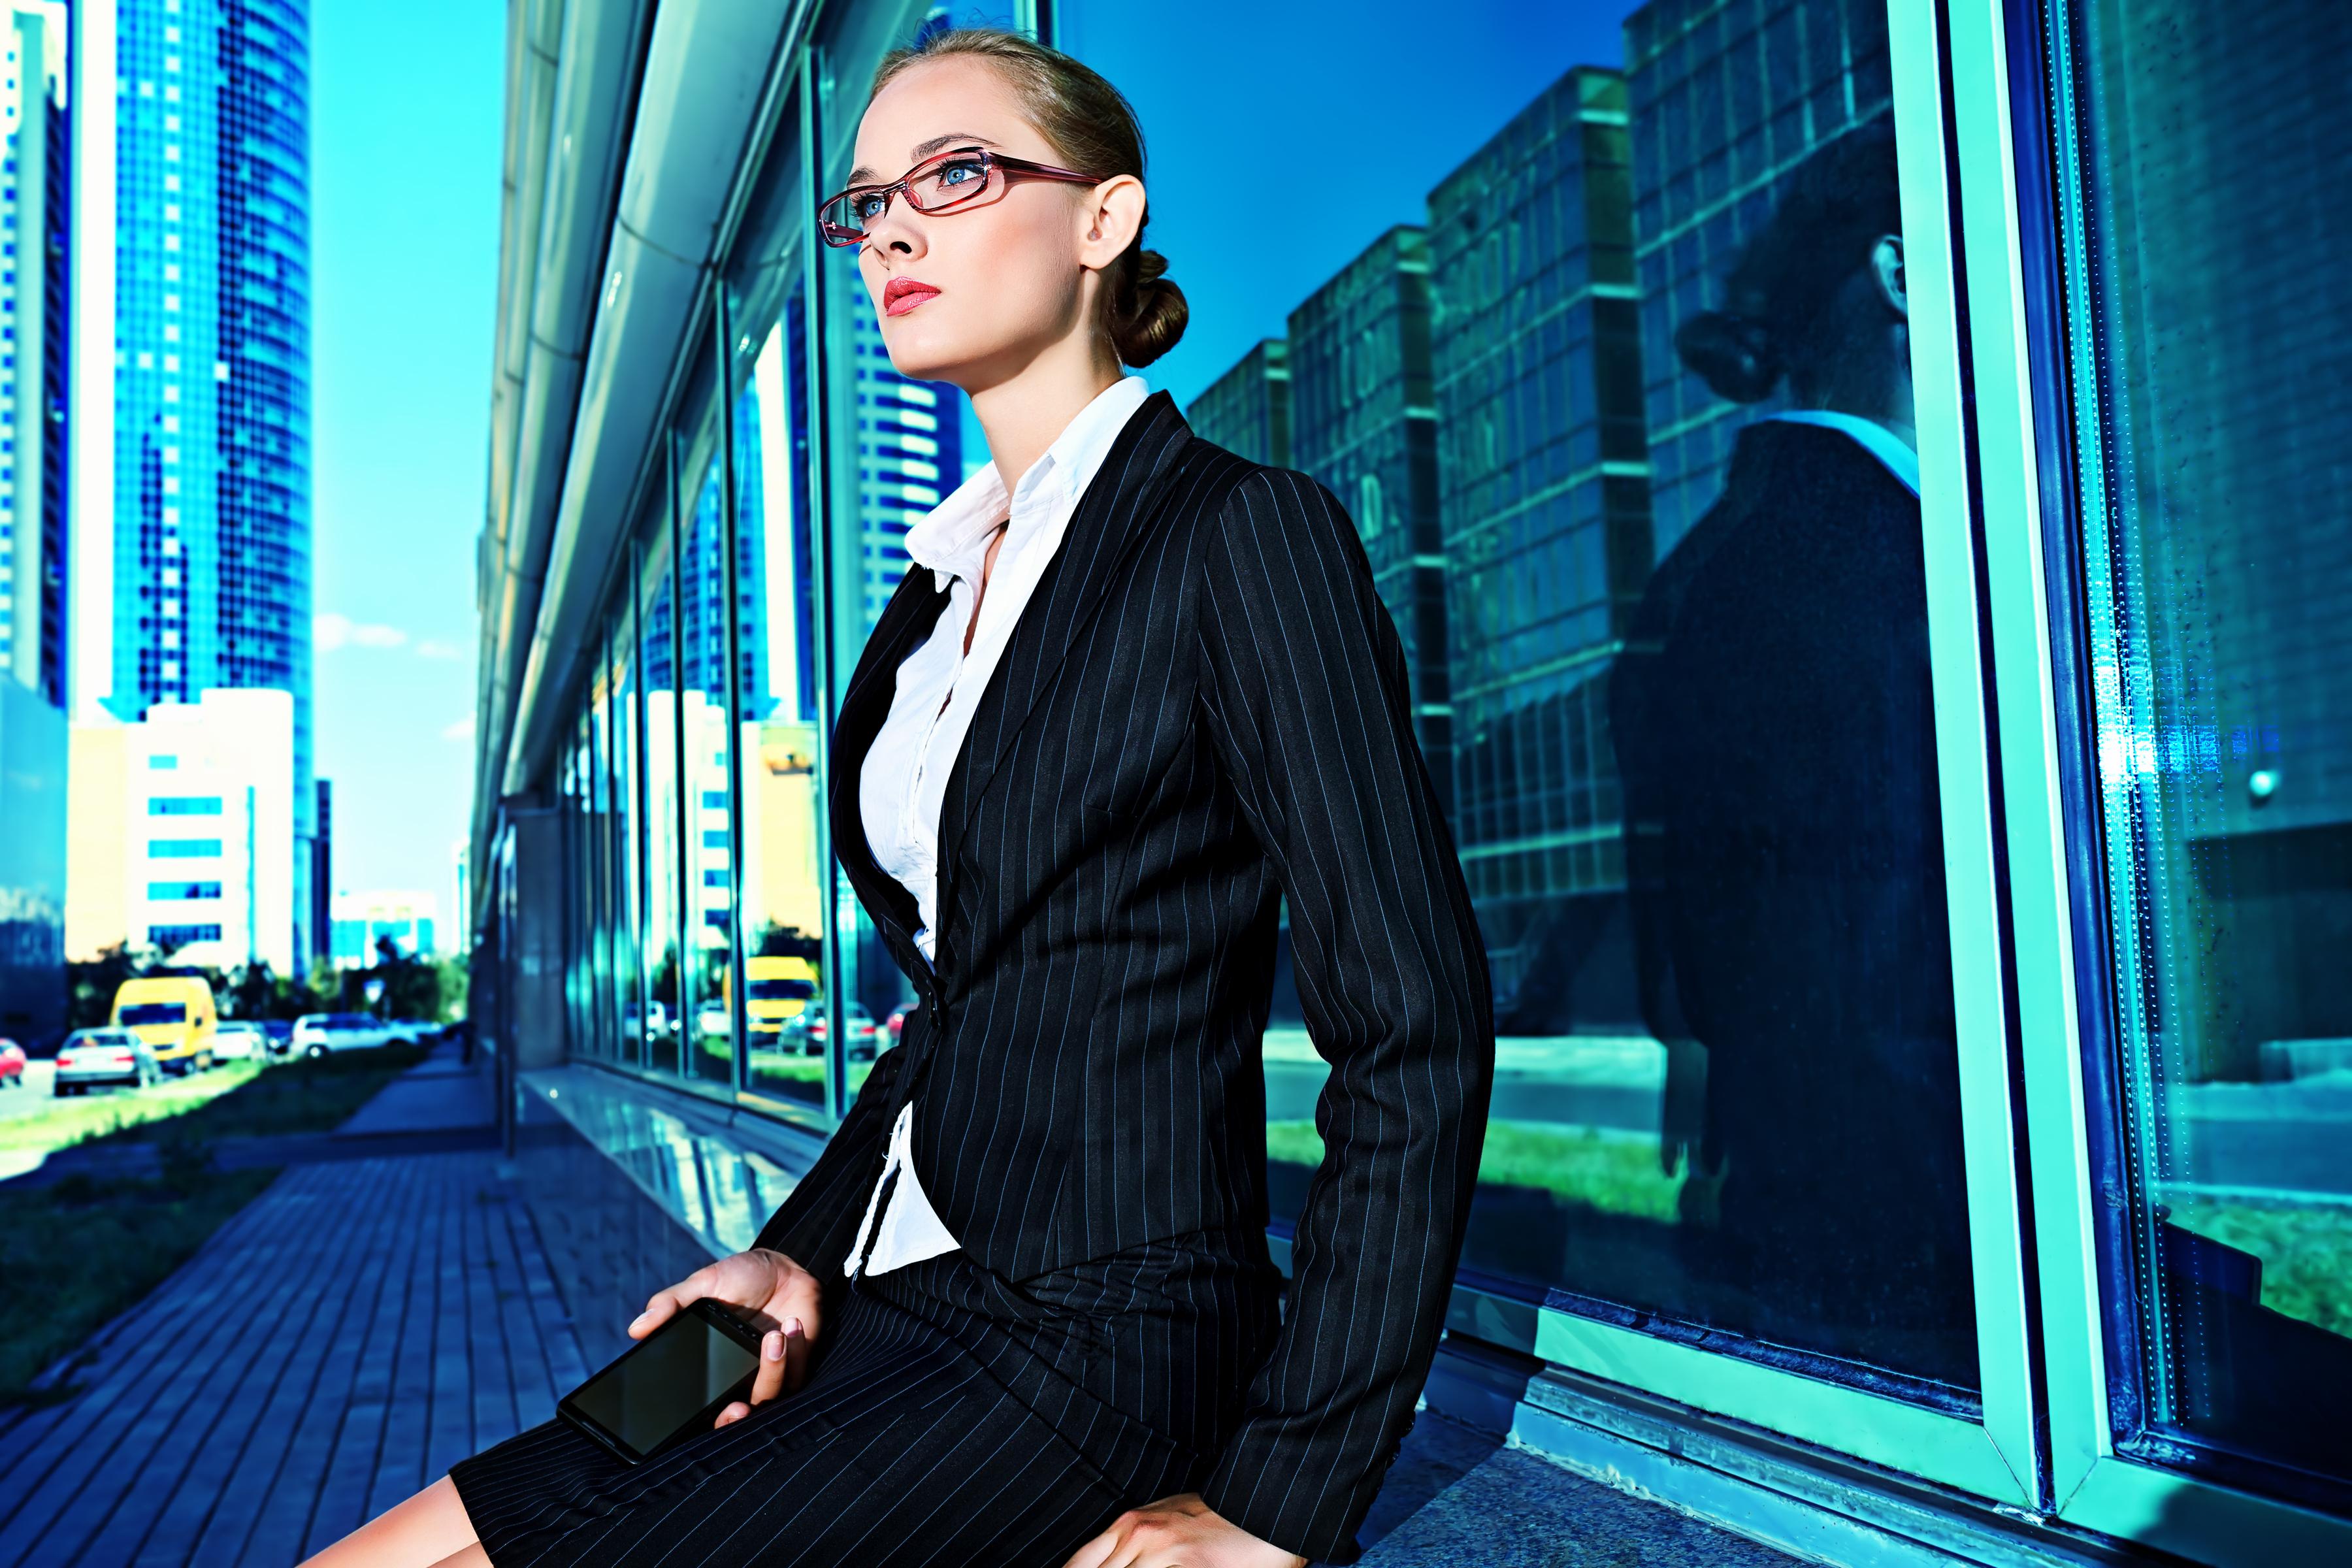 Donne e cybersecurity: la percentuale femminile è ancora bassa